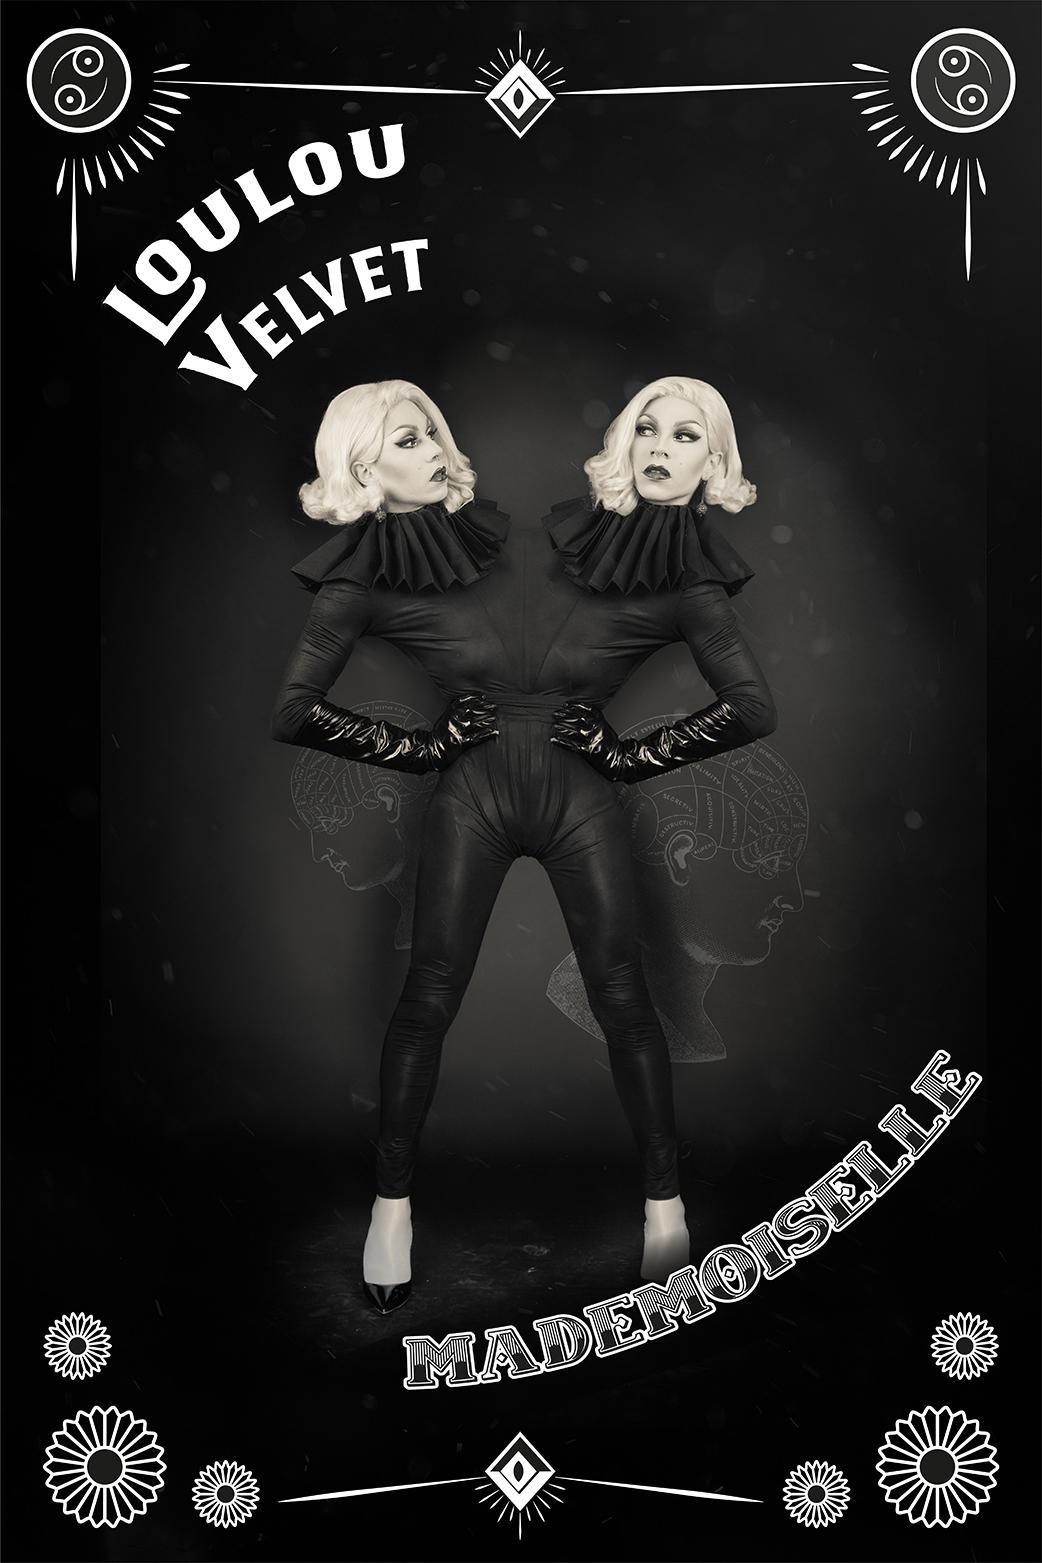 Loulou Velvet